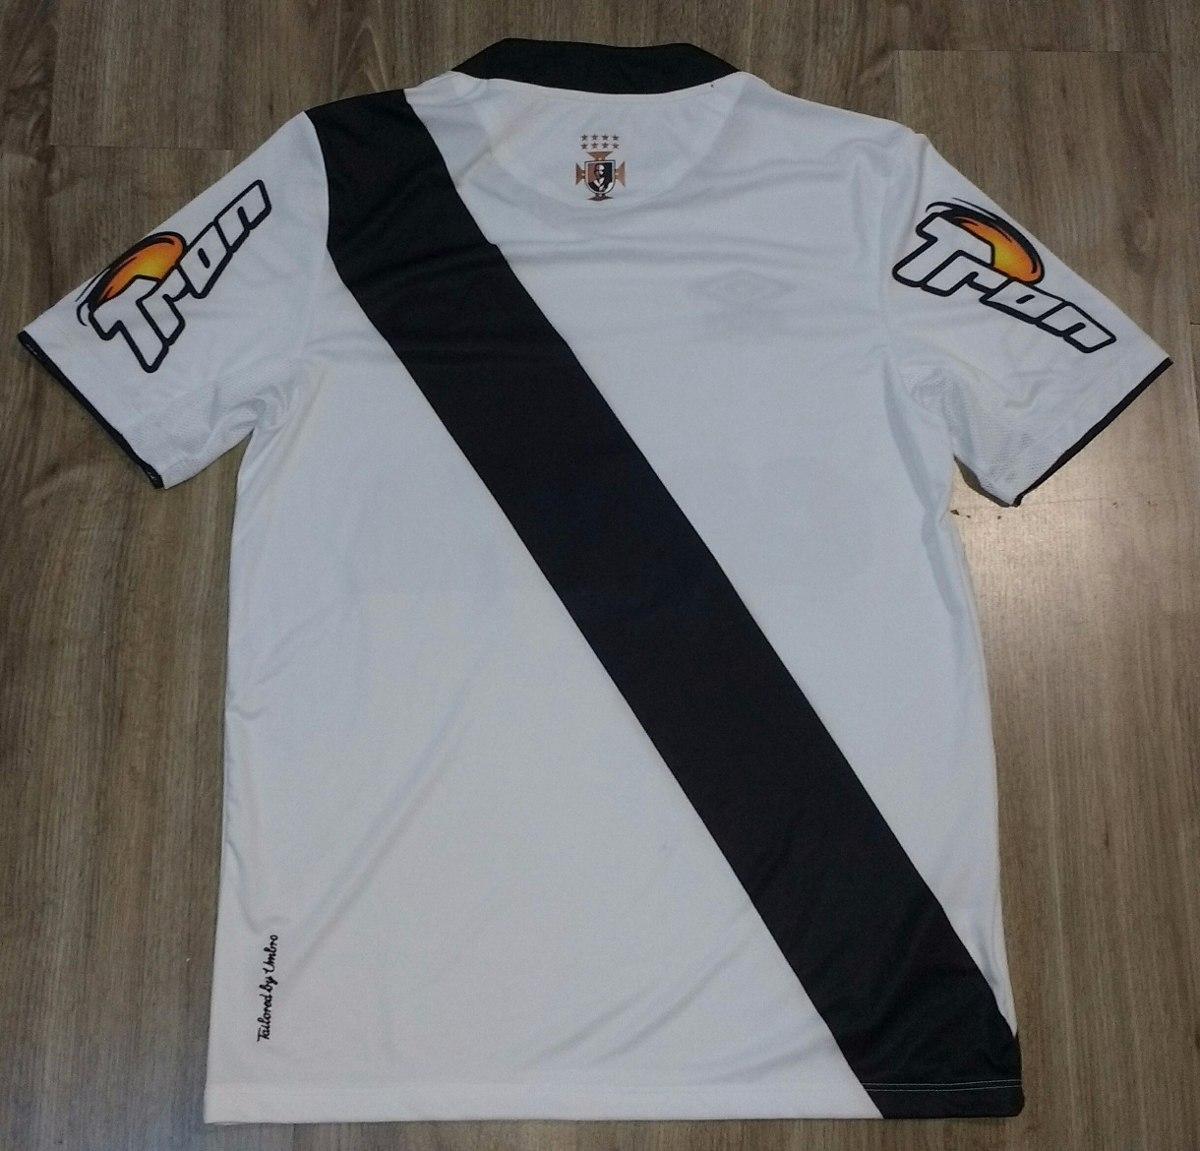 d52bd05600 camisa vasco 2014 umbro original anti racismo - 99. Carregando zoom.